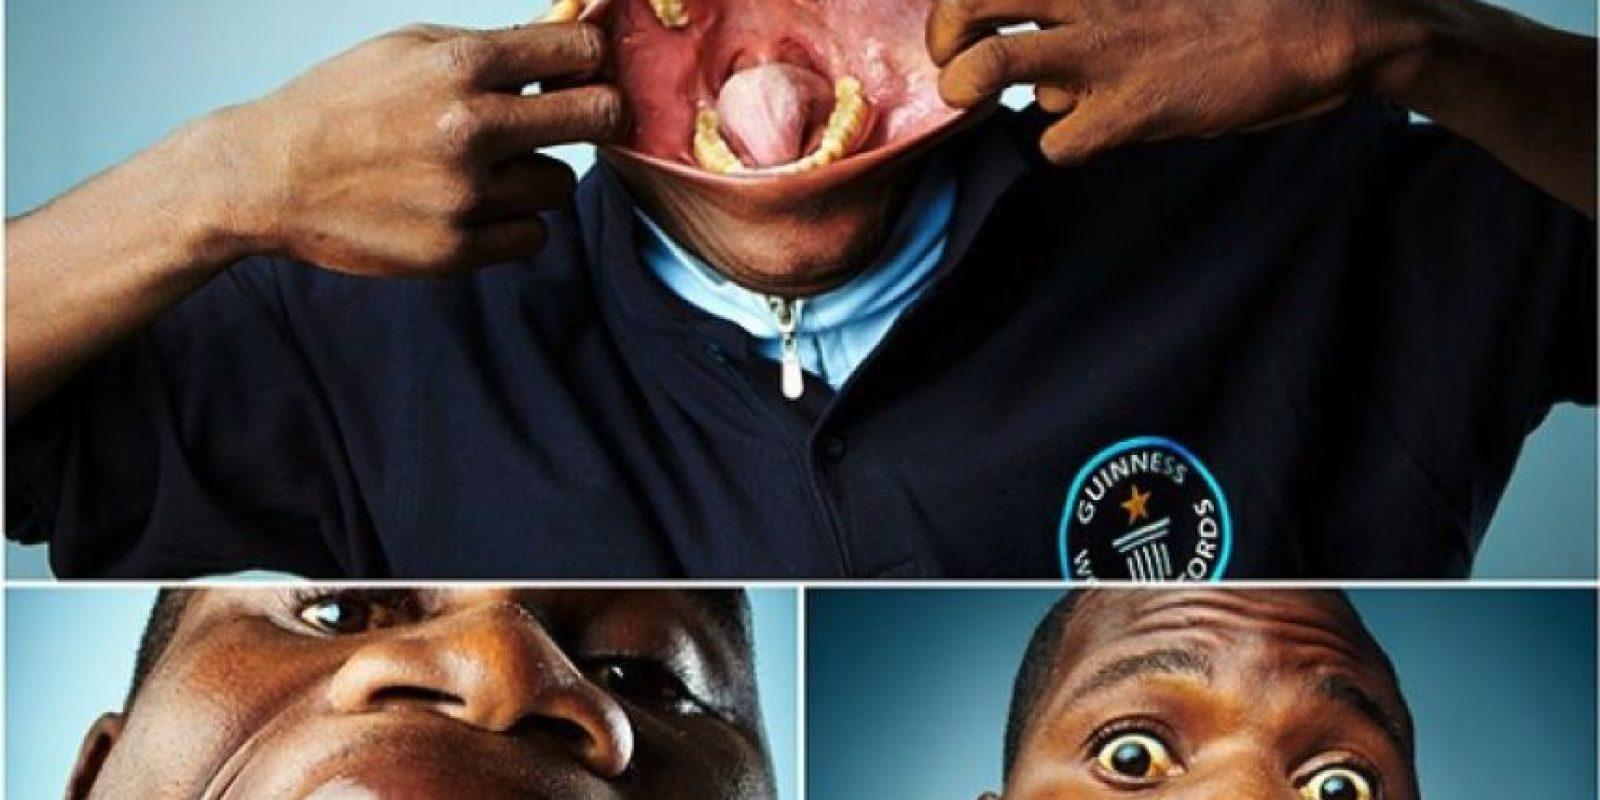 La boca más grande del mundo Foto:Instagram/guinnessworldrecords